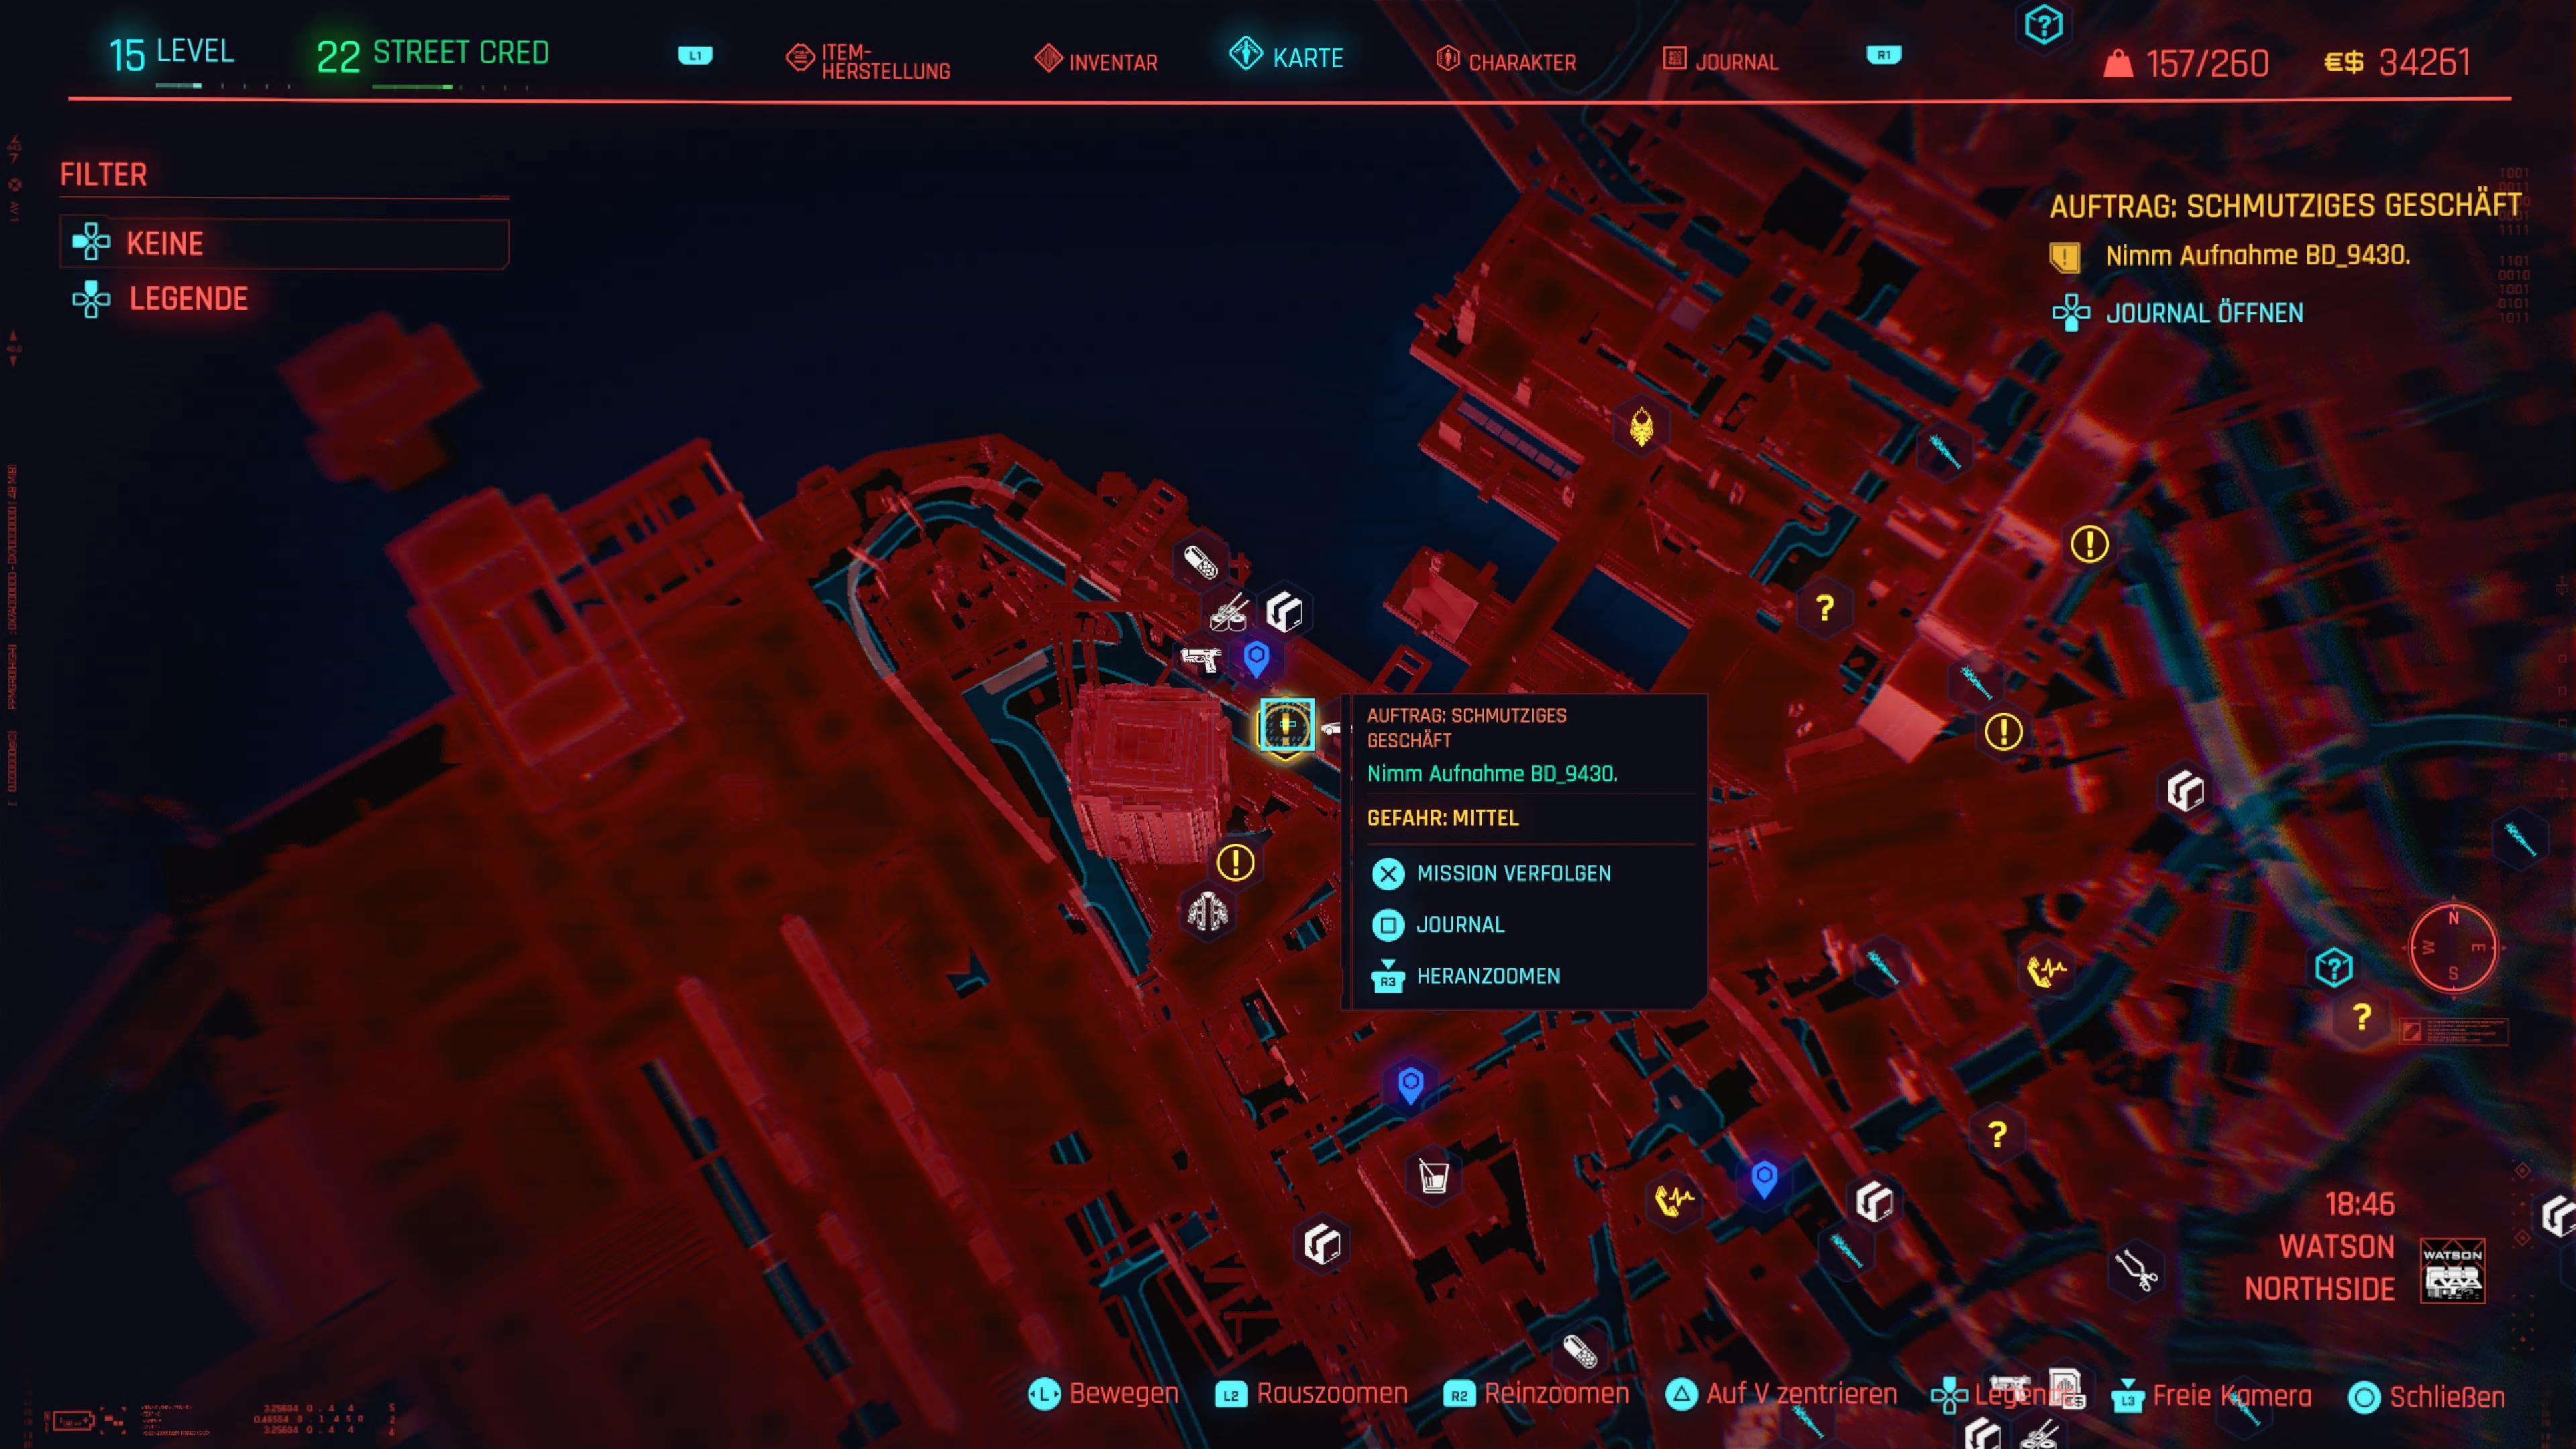 Cyberpunk 2077 - Auftrag: Schmutziges Geschäft